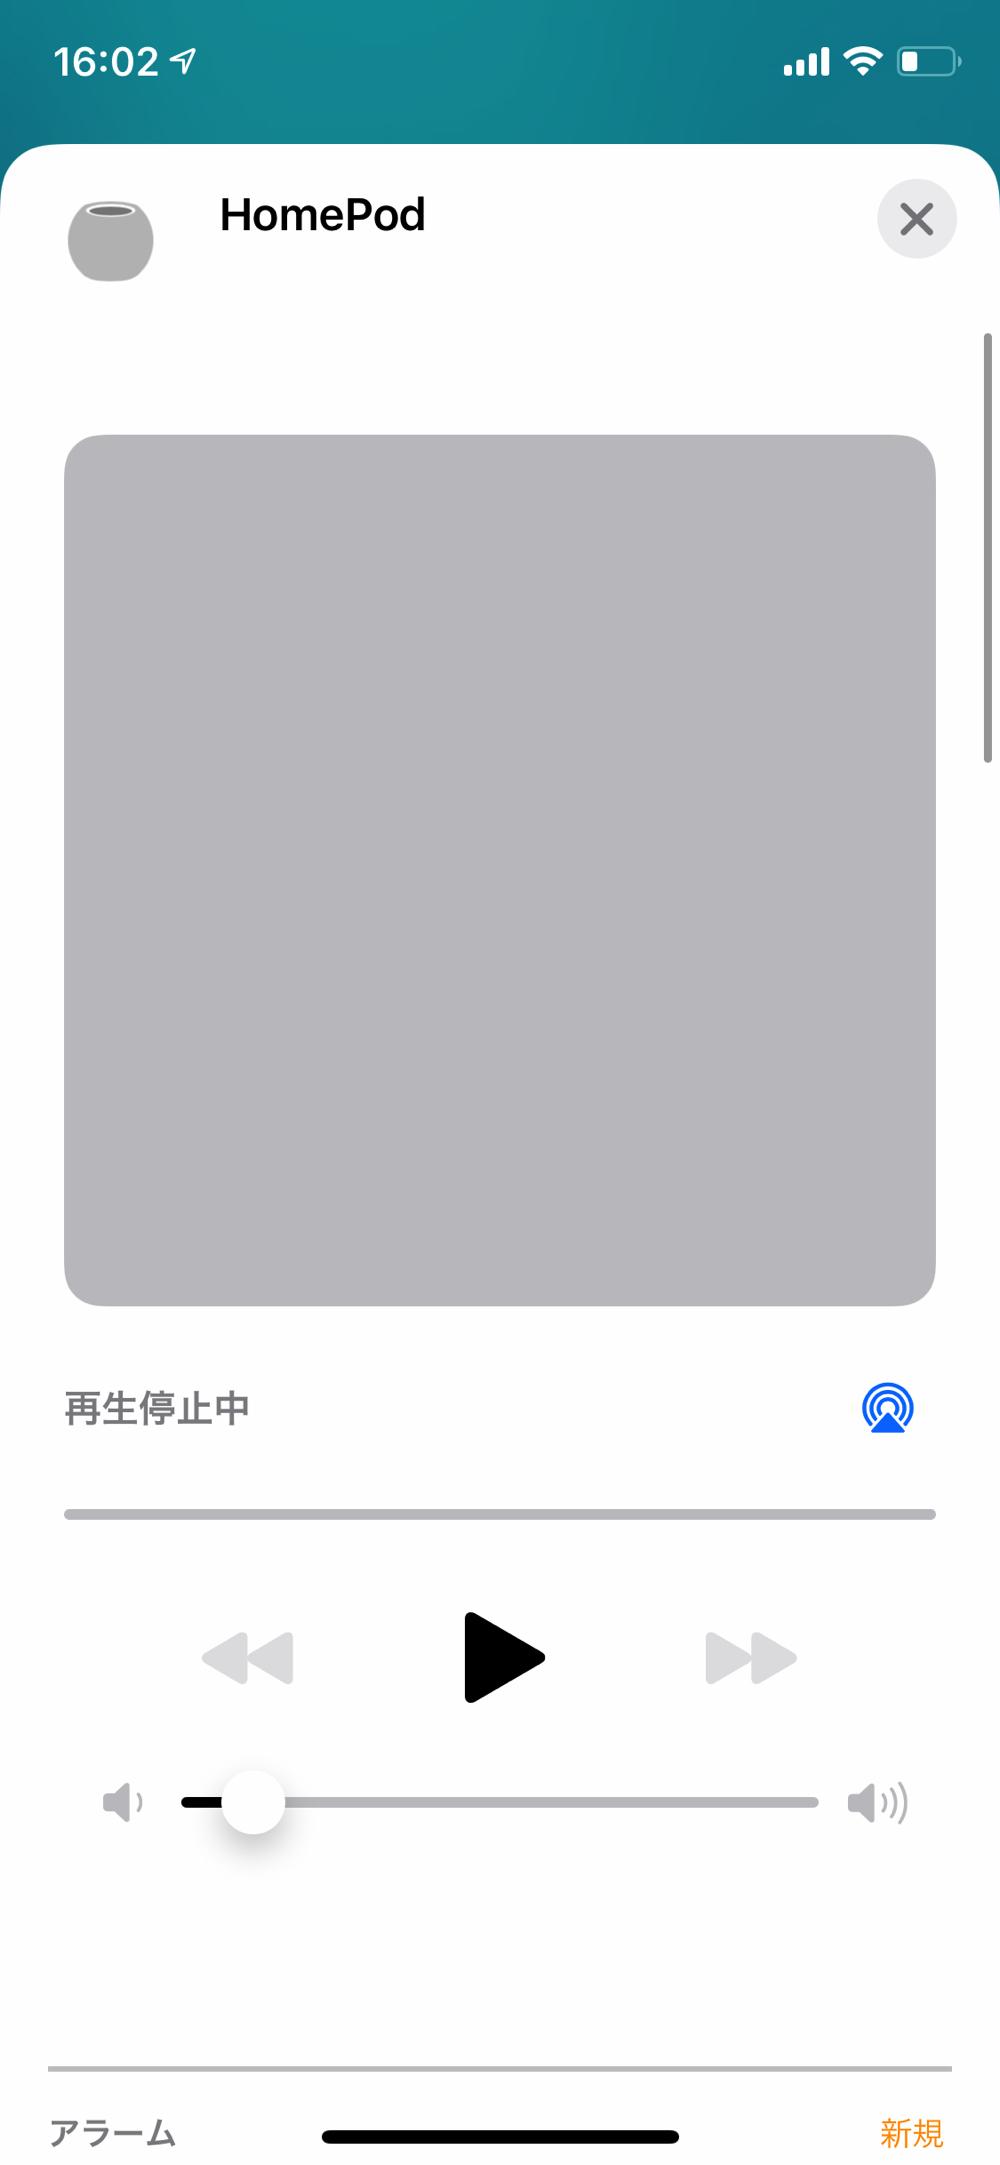 ホームアプリのHomePod mini詳細画面